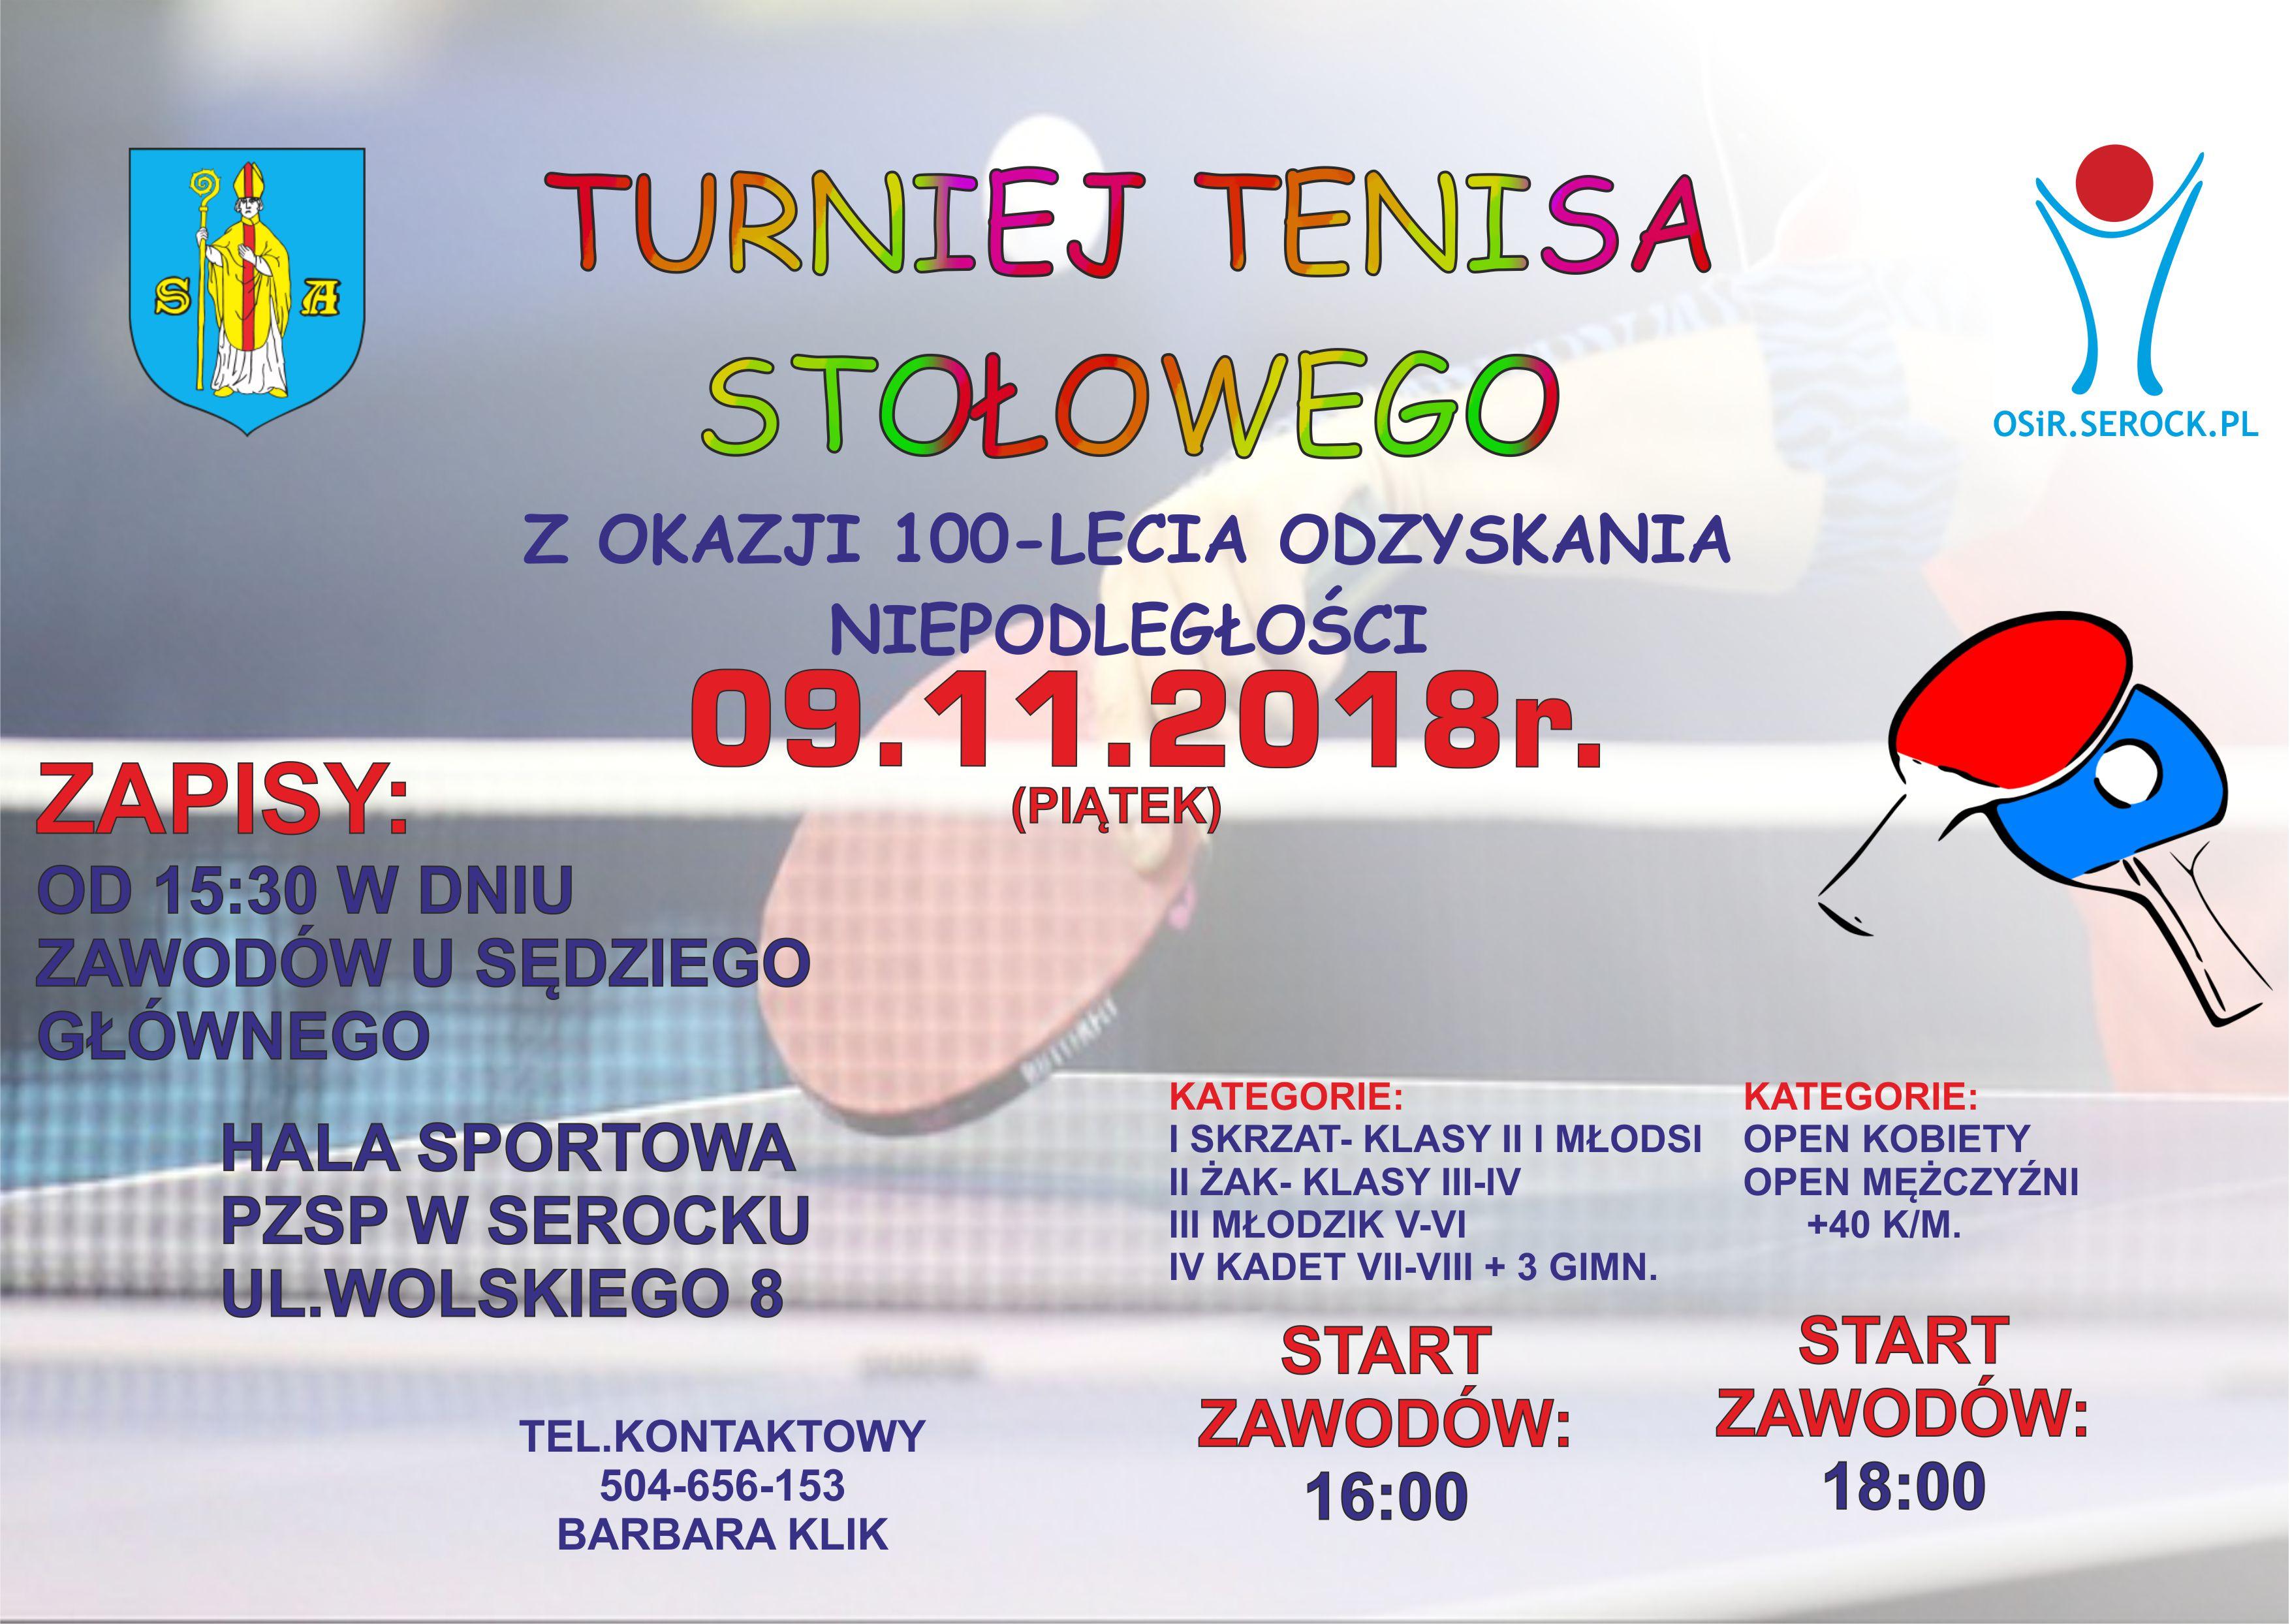 Plakat turnieju Turniej tenisa stołowego z okazji 100-lecia odzyskania niepodległości Serock